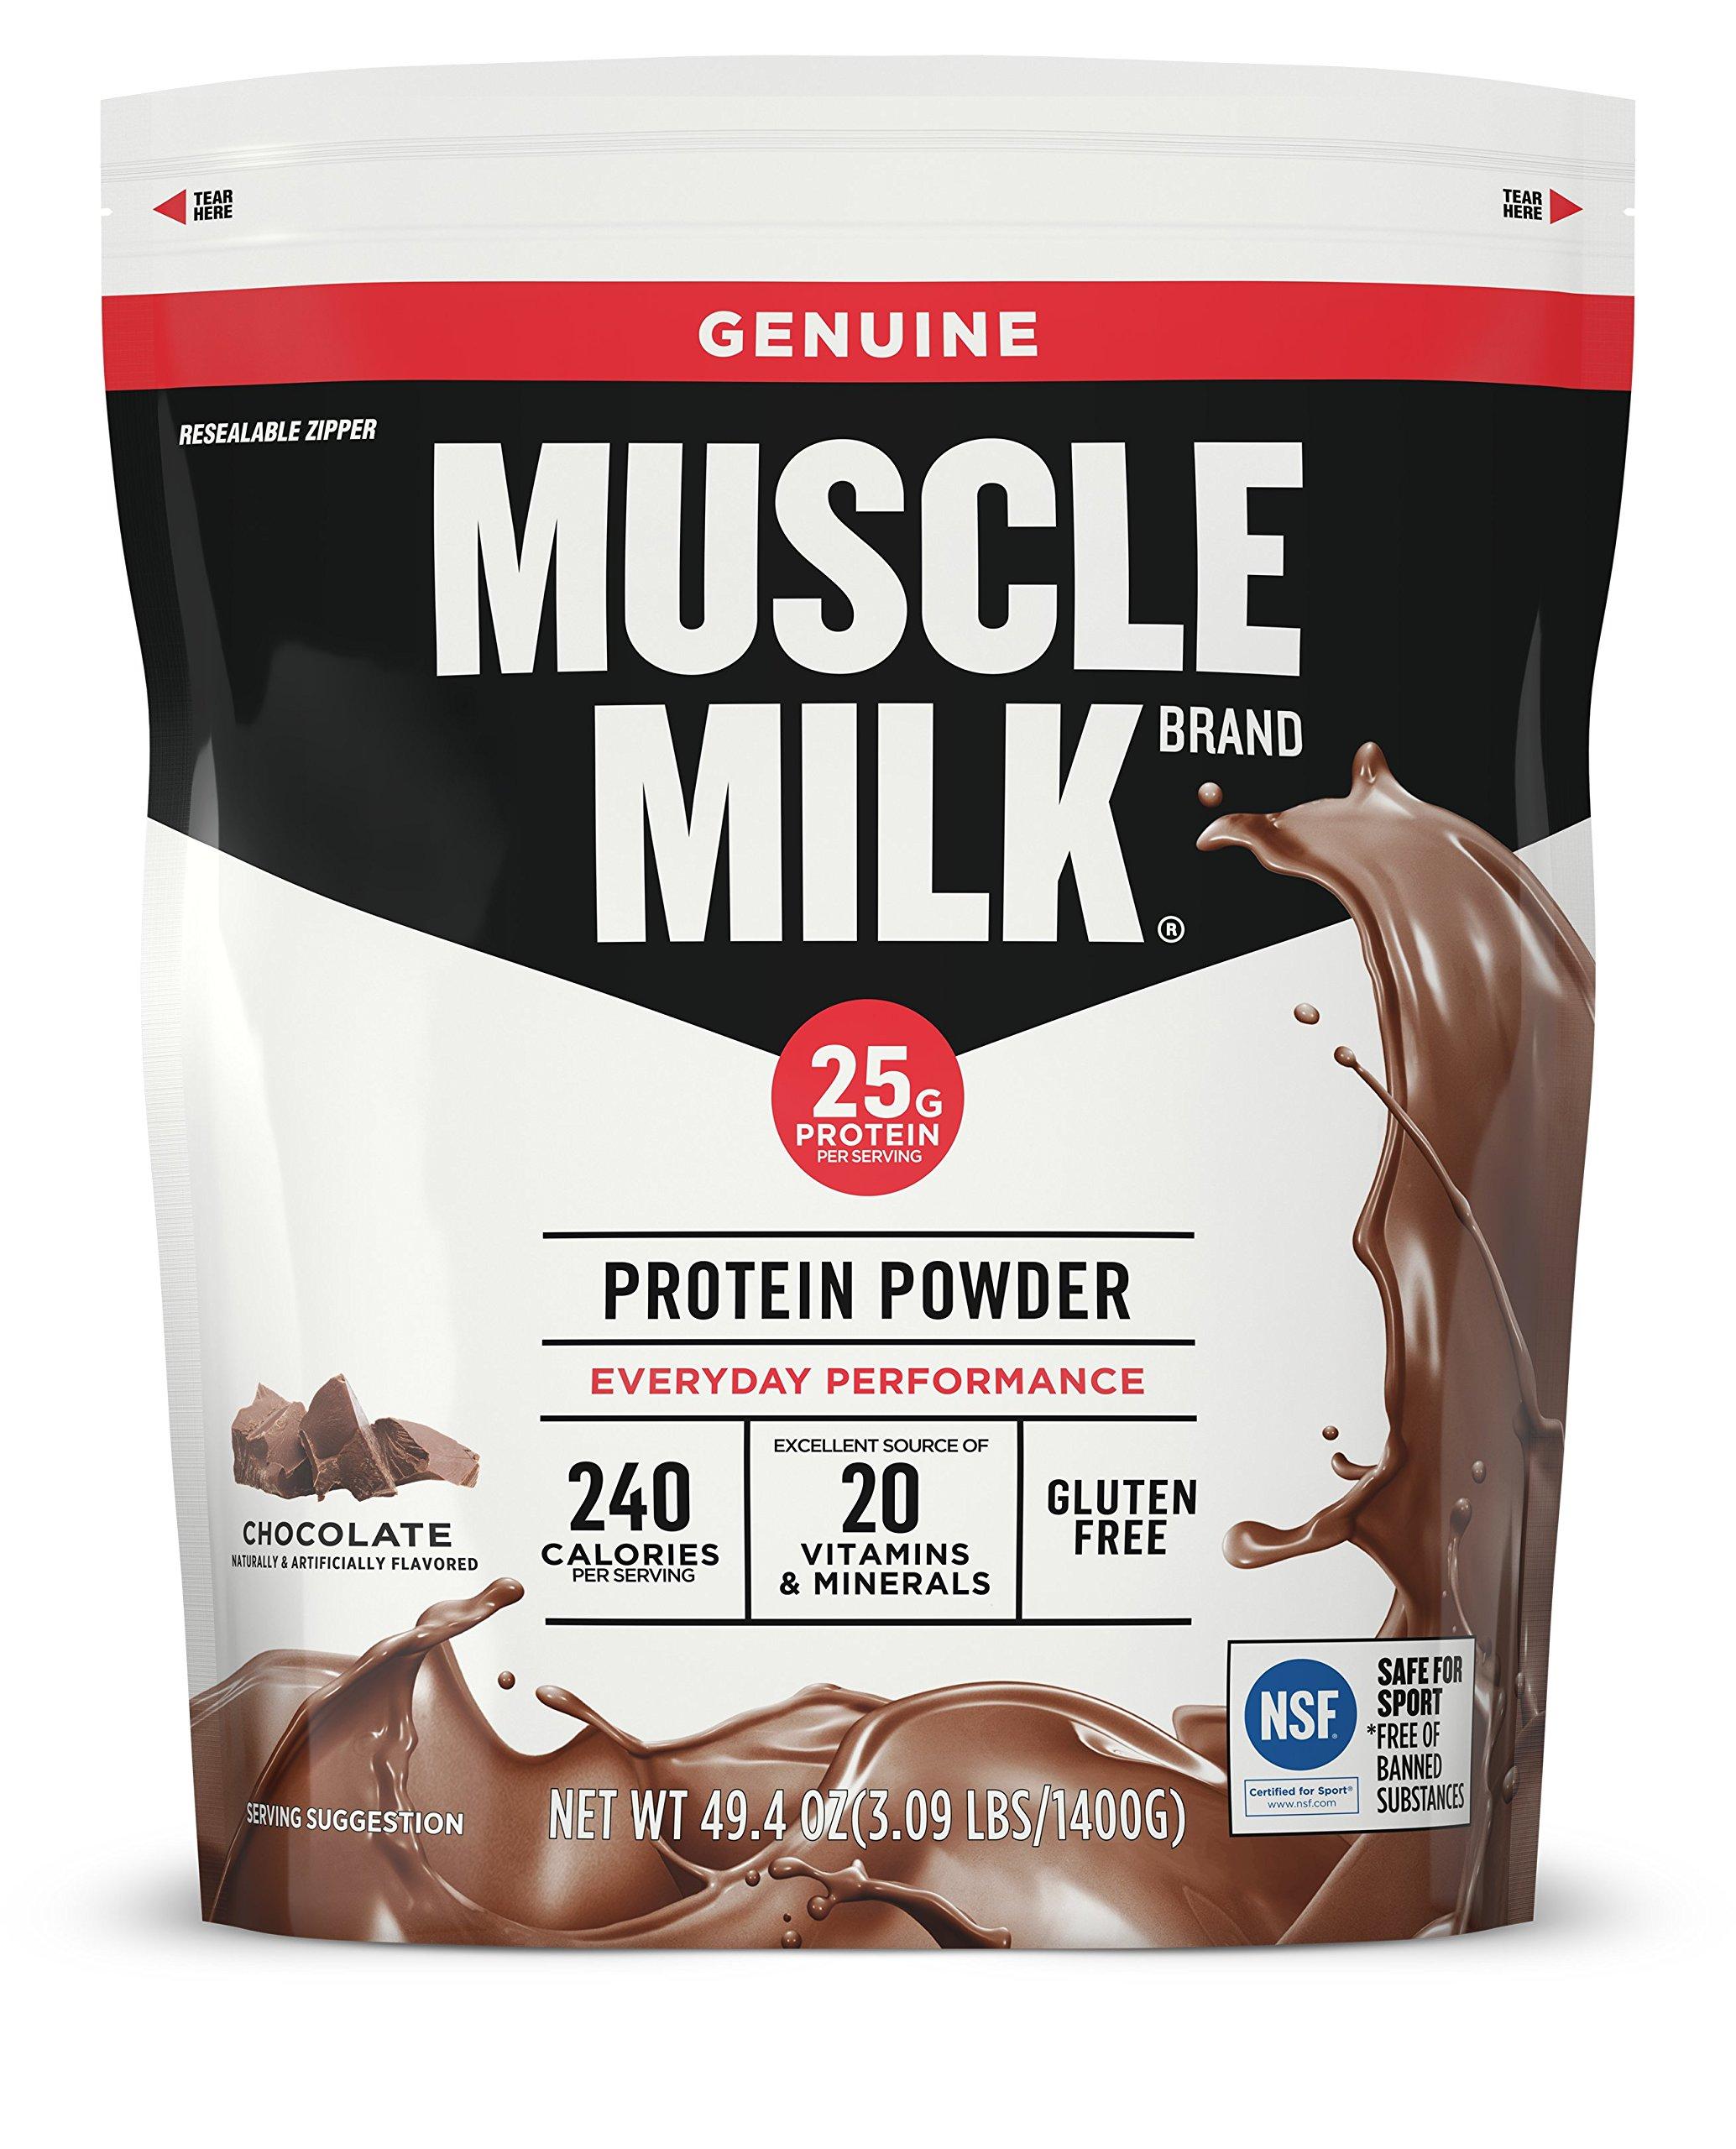 Muscle Milk Genuine Protein Powder, Chocolate, 25g Protein, 3.09 Pound